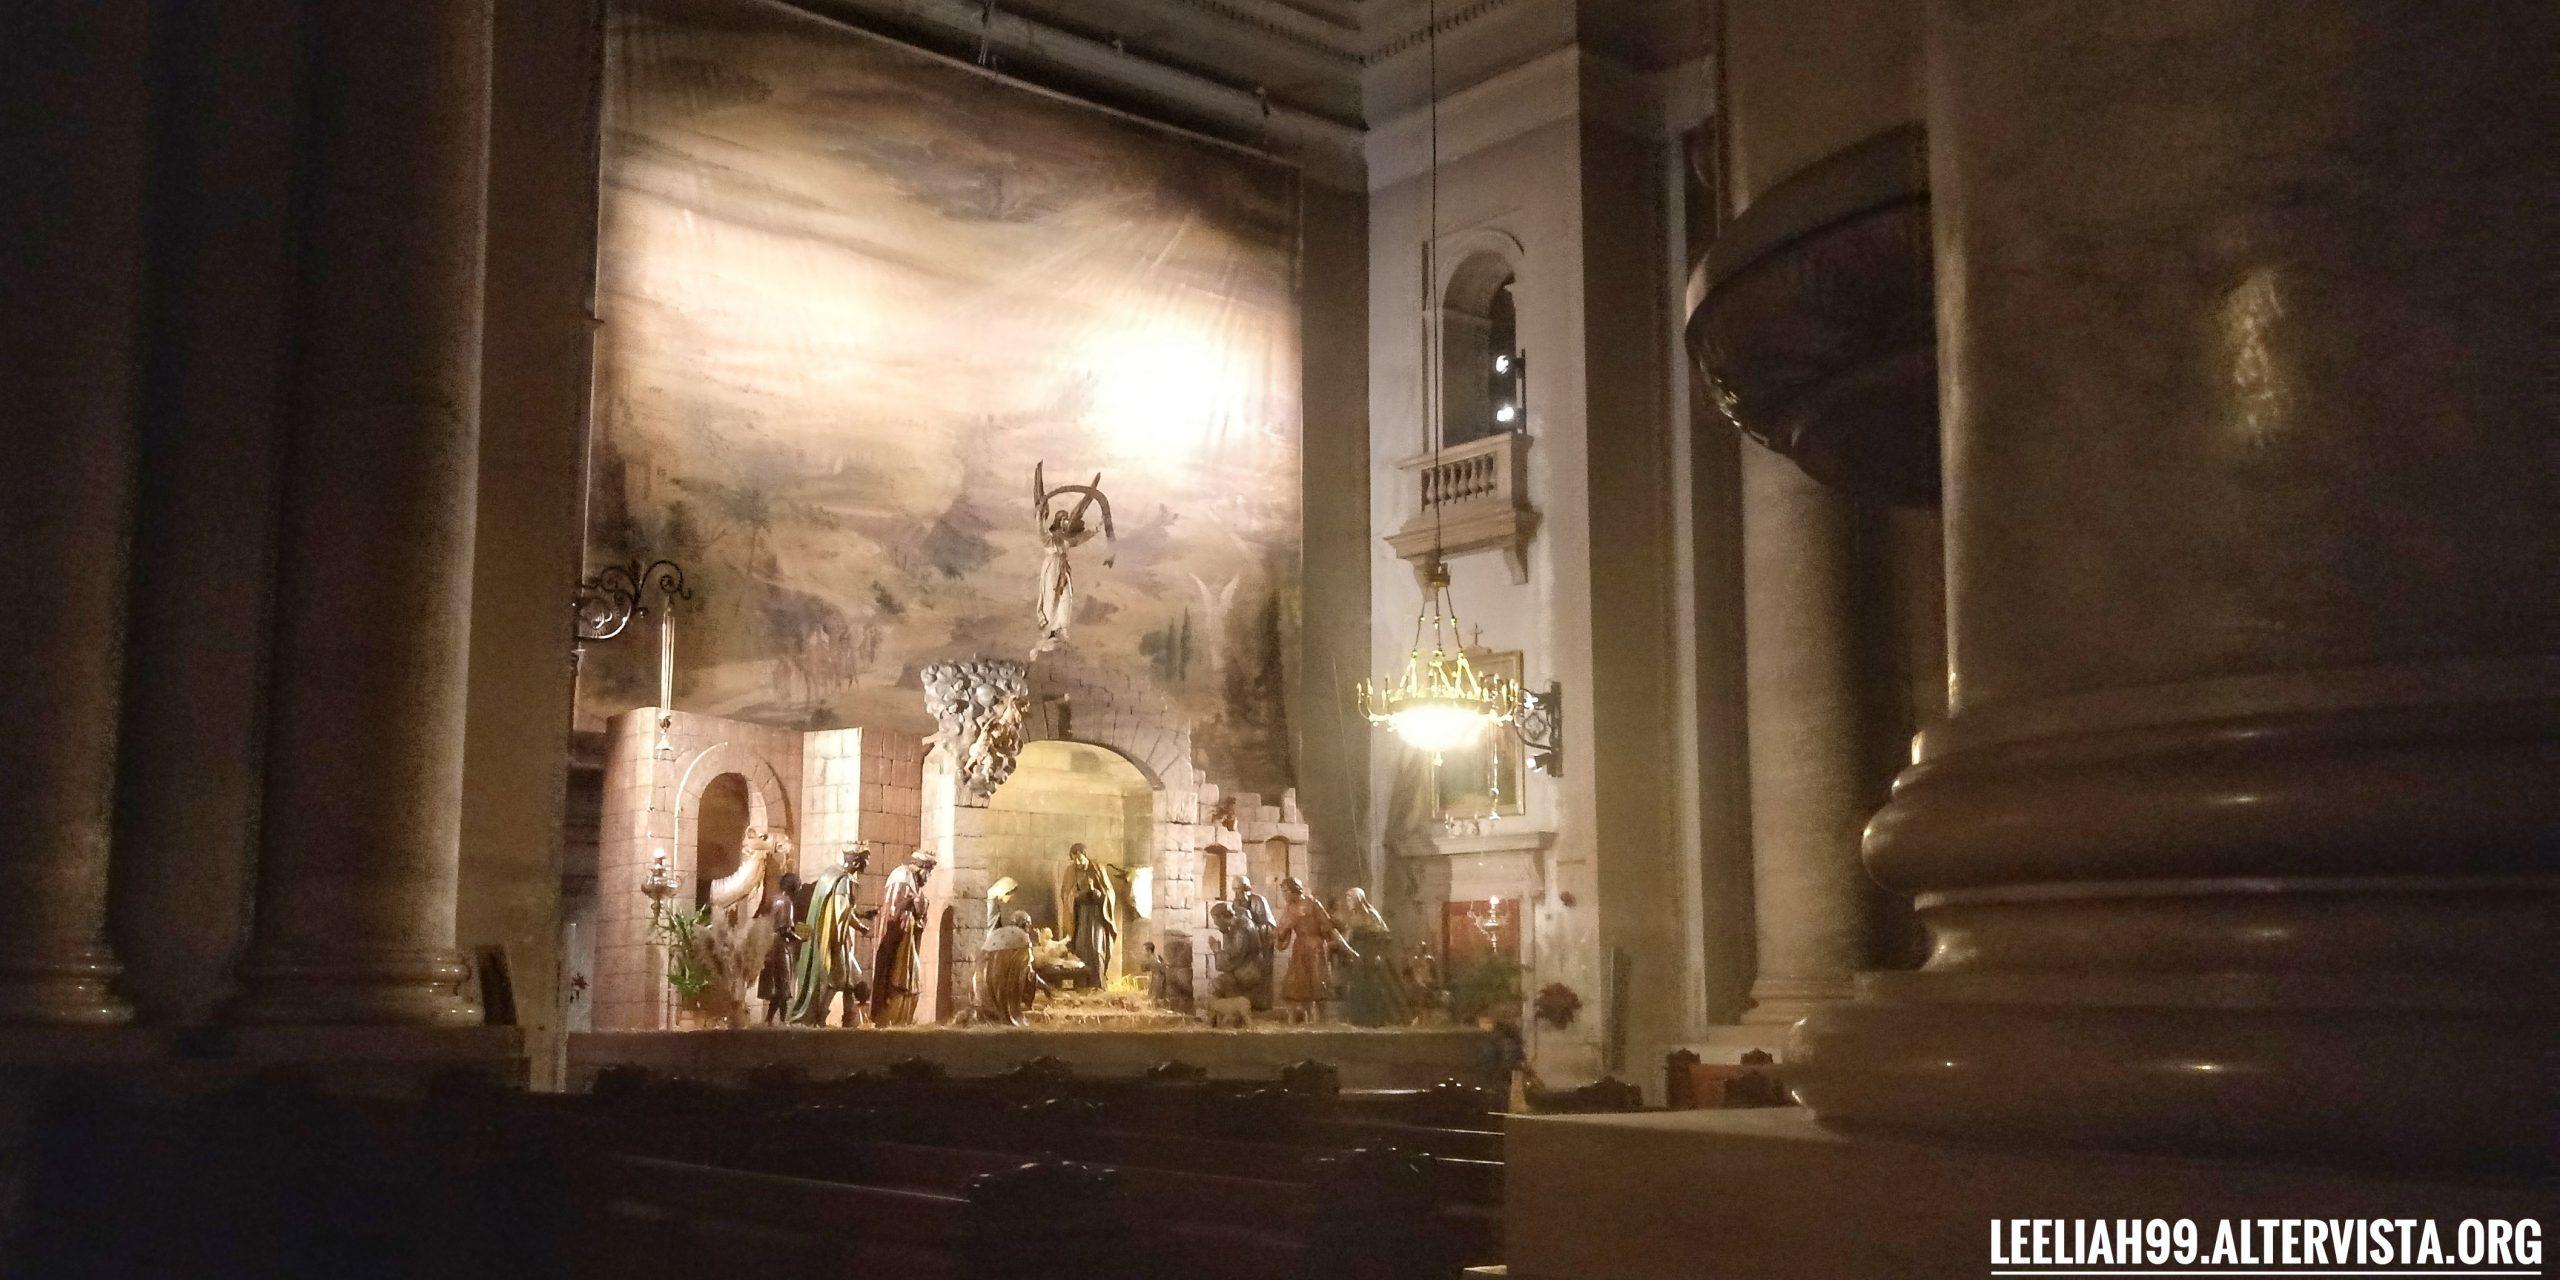 Presepe gigante nella chiesa di Sant'Antonio Nuovo a Trieste © leeliah99.altervista.org